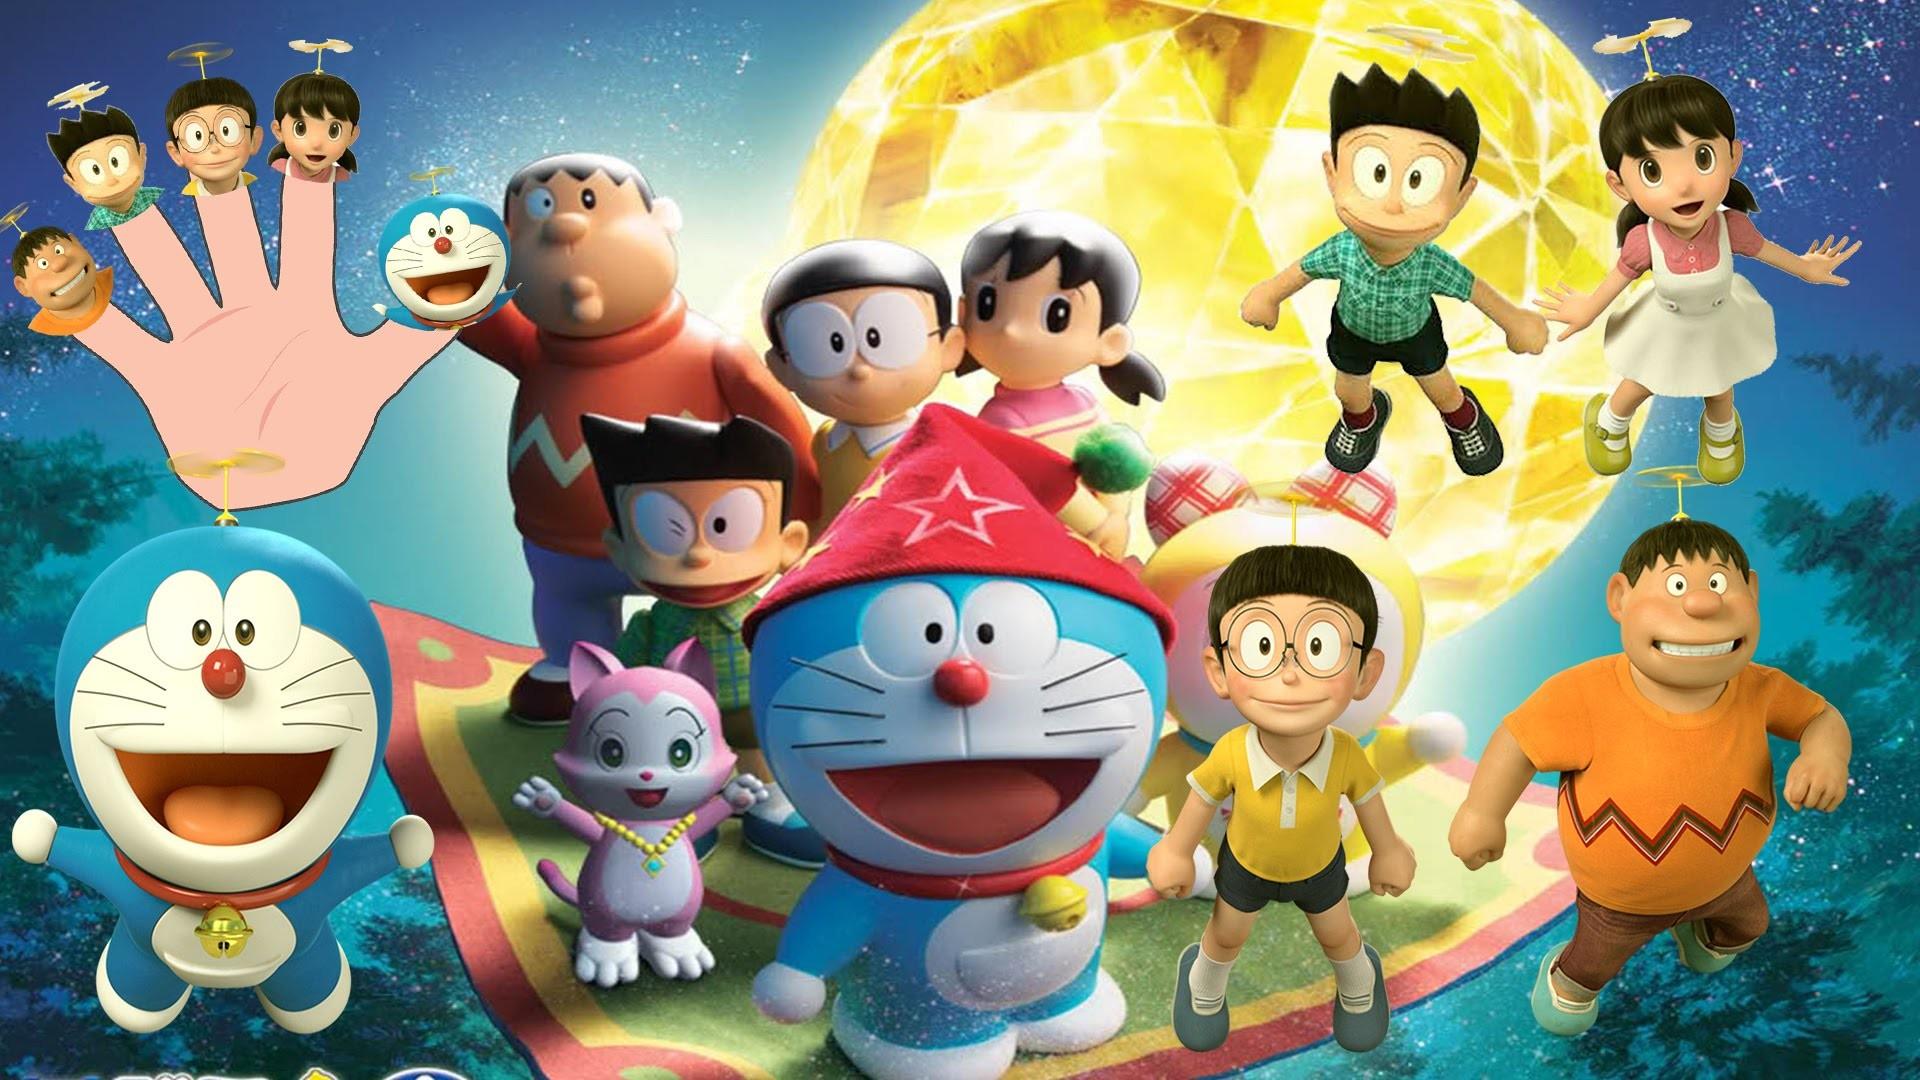 Doraemon 3d wallpaper 2018 69 images 1920x1080 download download 1920x1080 wallpaper doraemon voltagebd Images